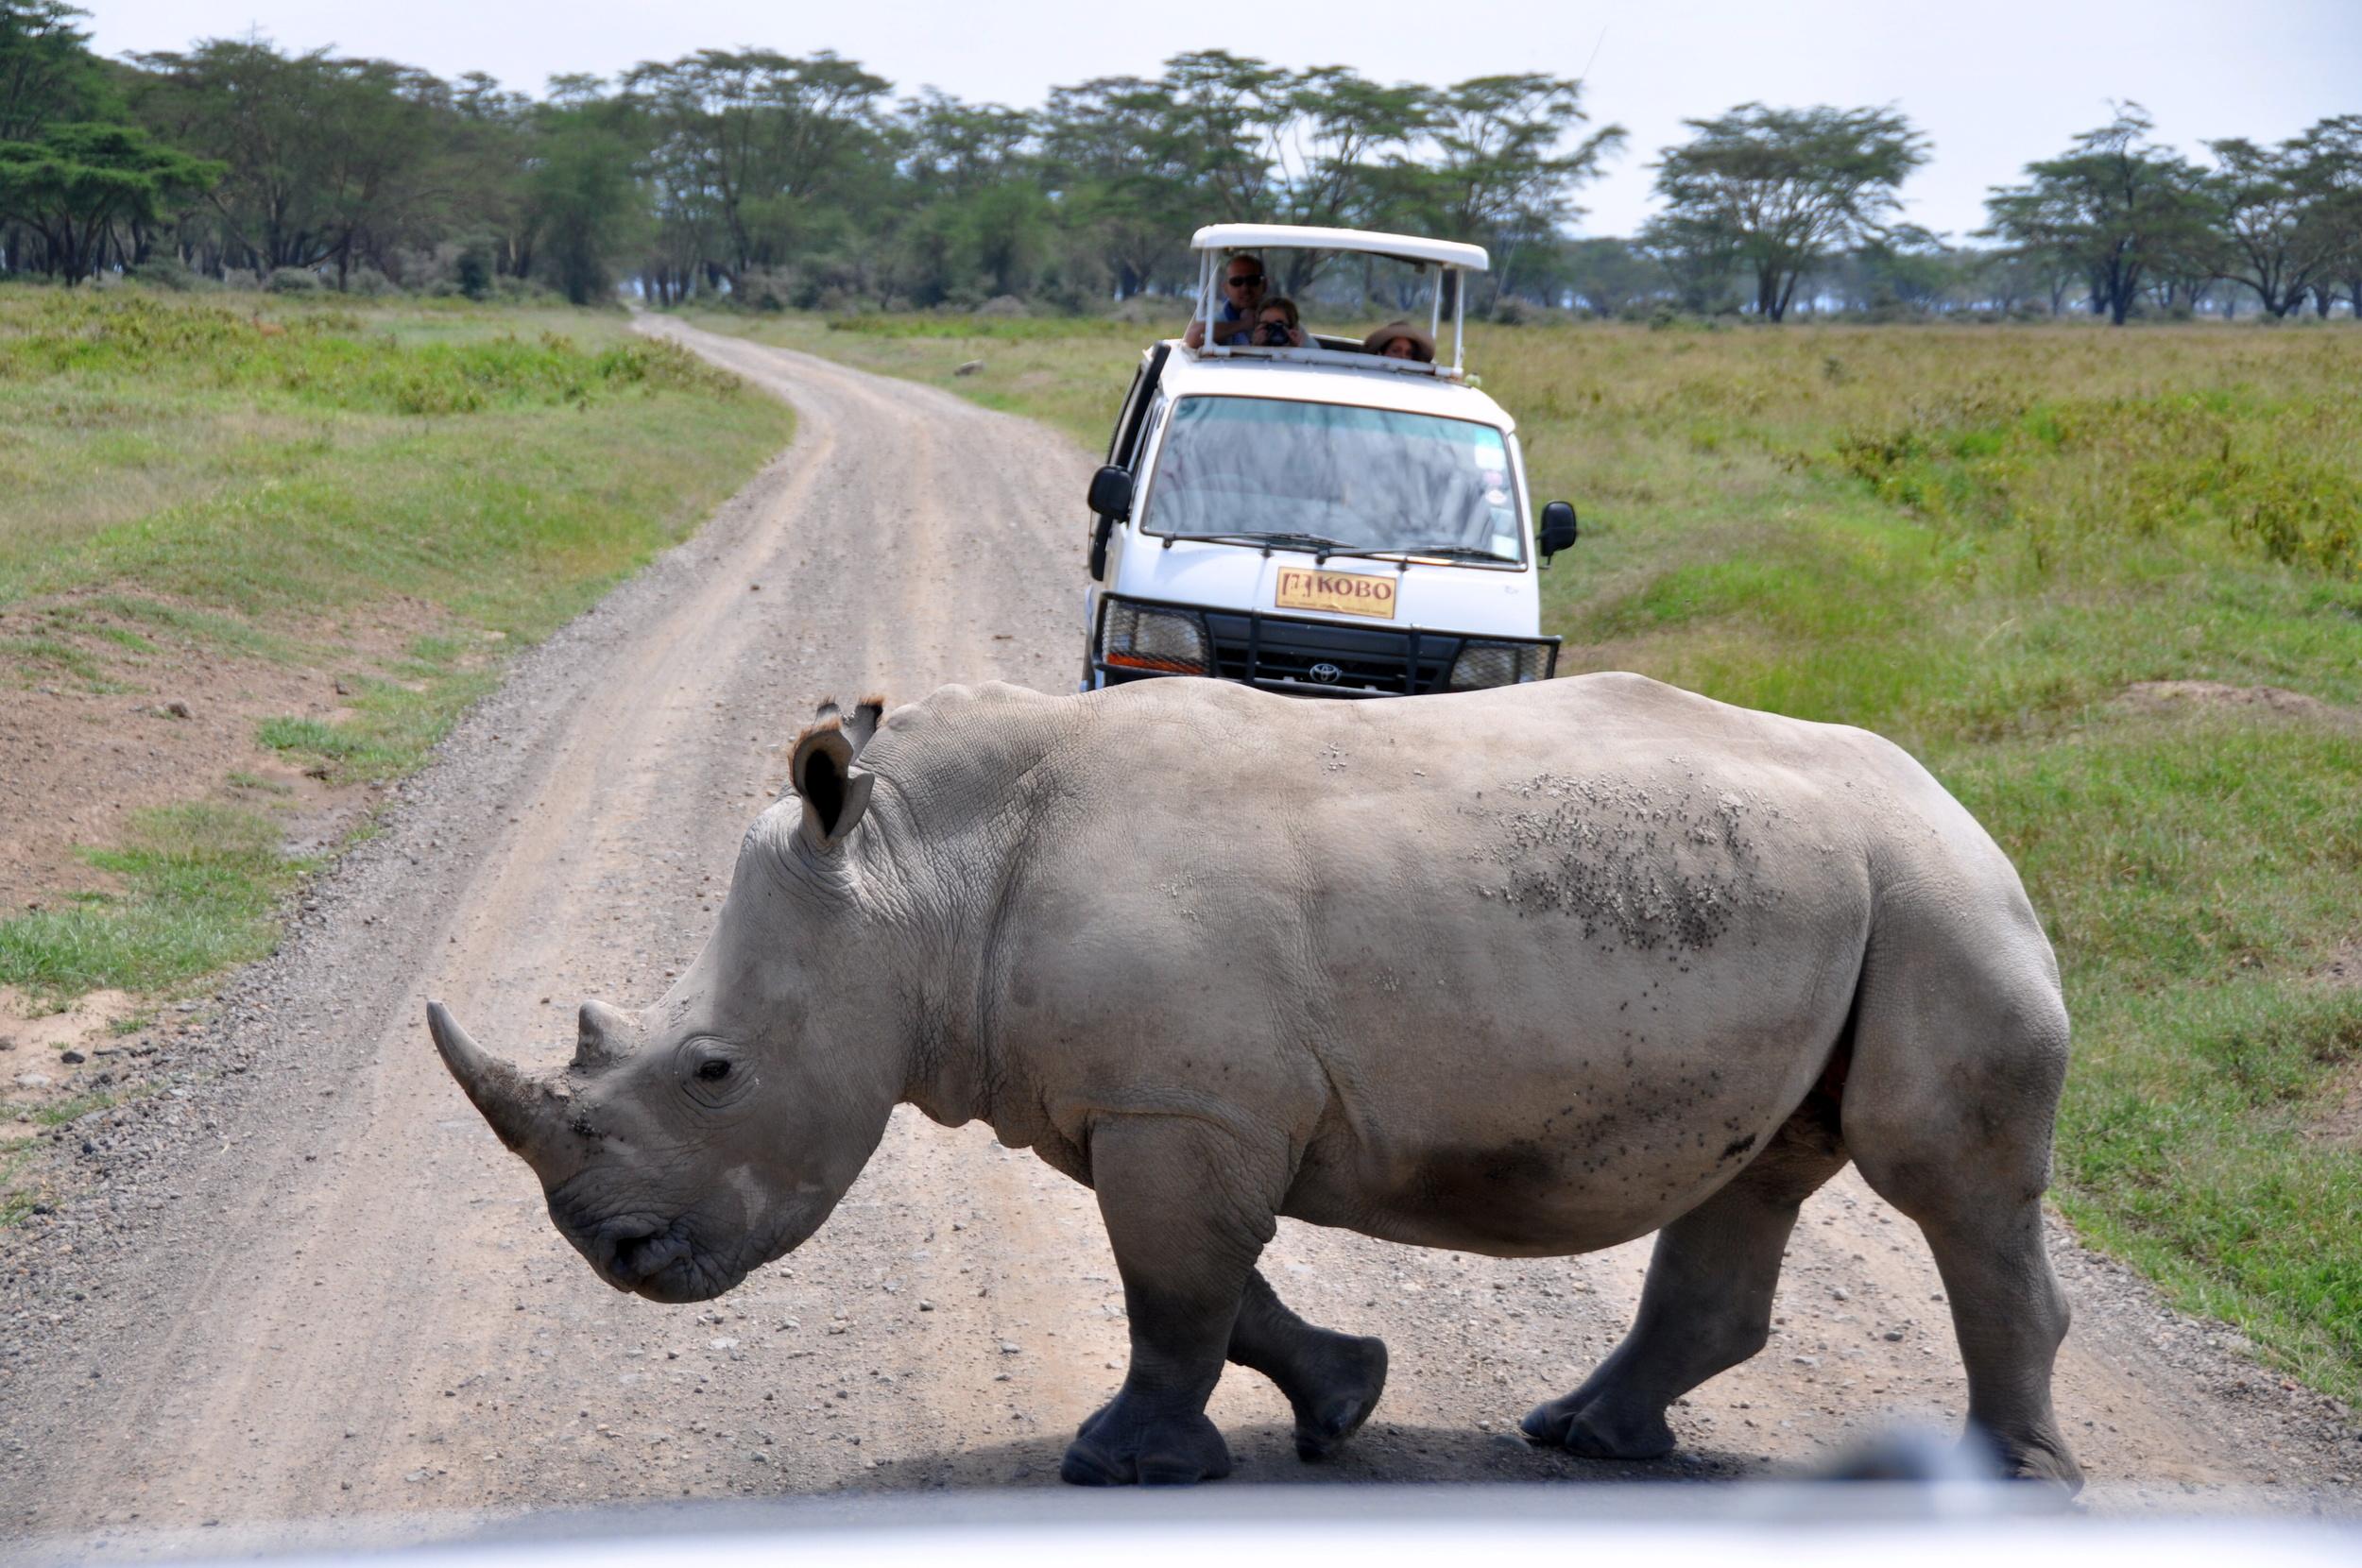 Big Five White Rhino Maasai Mara